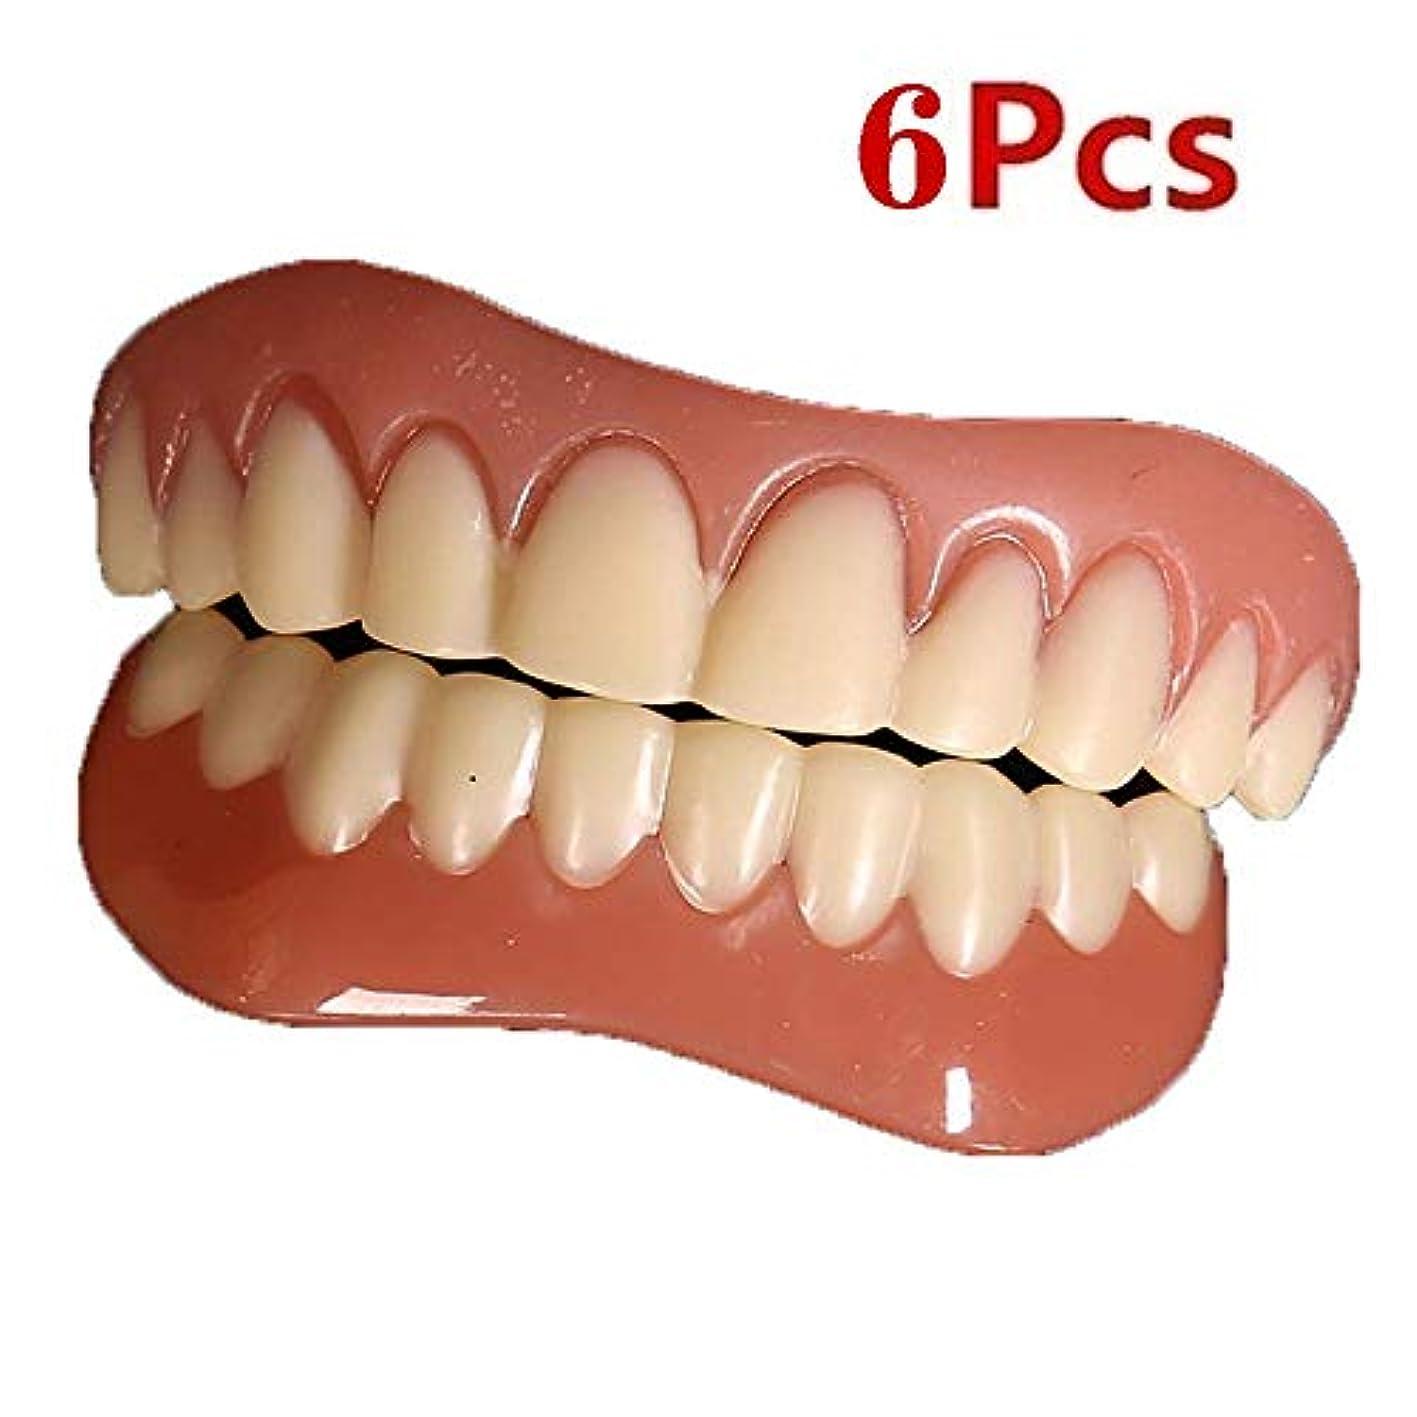 過言ネックレットマークされた6個のインスタントスマイルの歯アッパーロアーベニアの快適さフィットの歯のベニヤ、ワンサイズは数分以内に自宅であなたの笑顔を直す